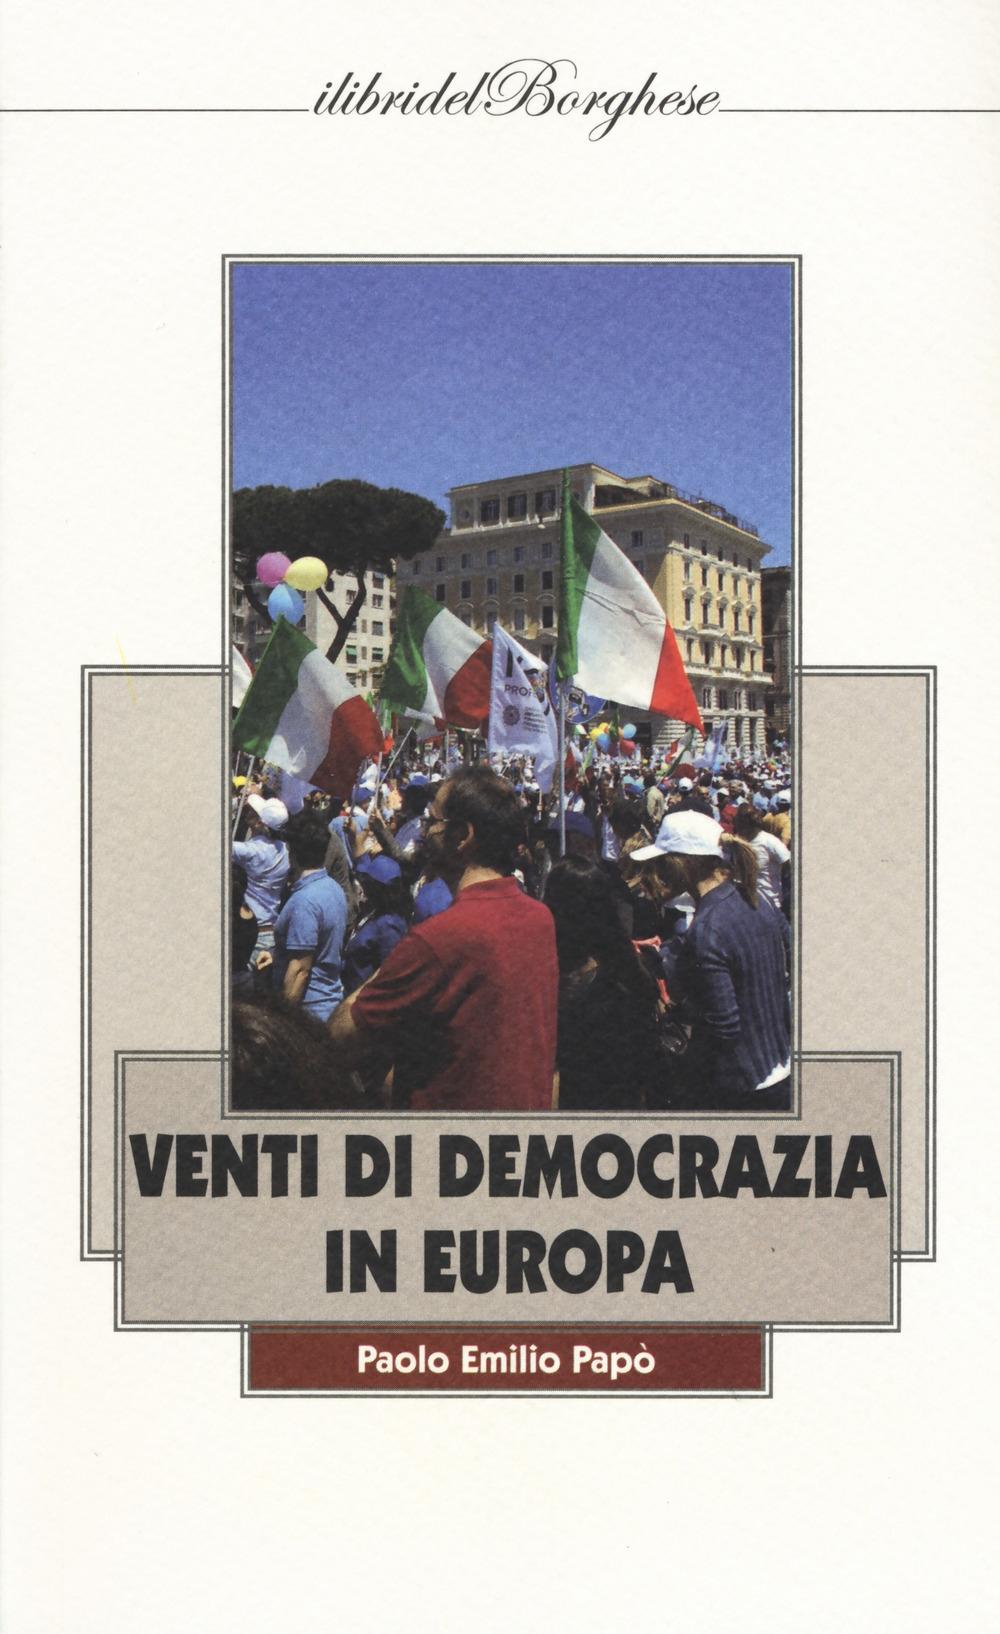 Venti di democrazia in Europa